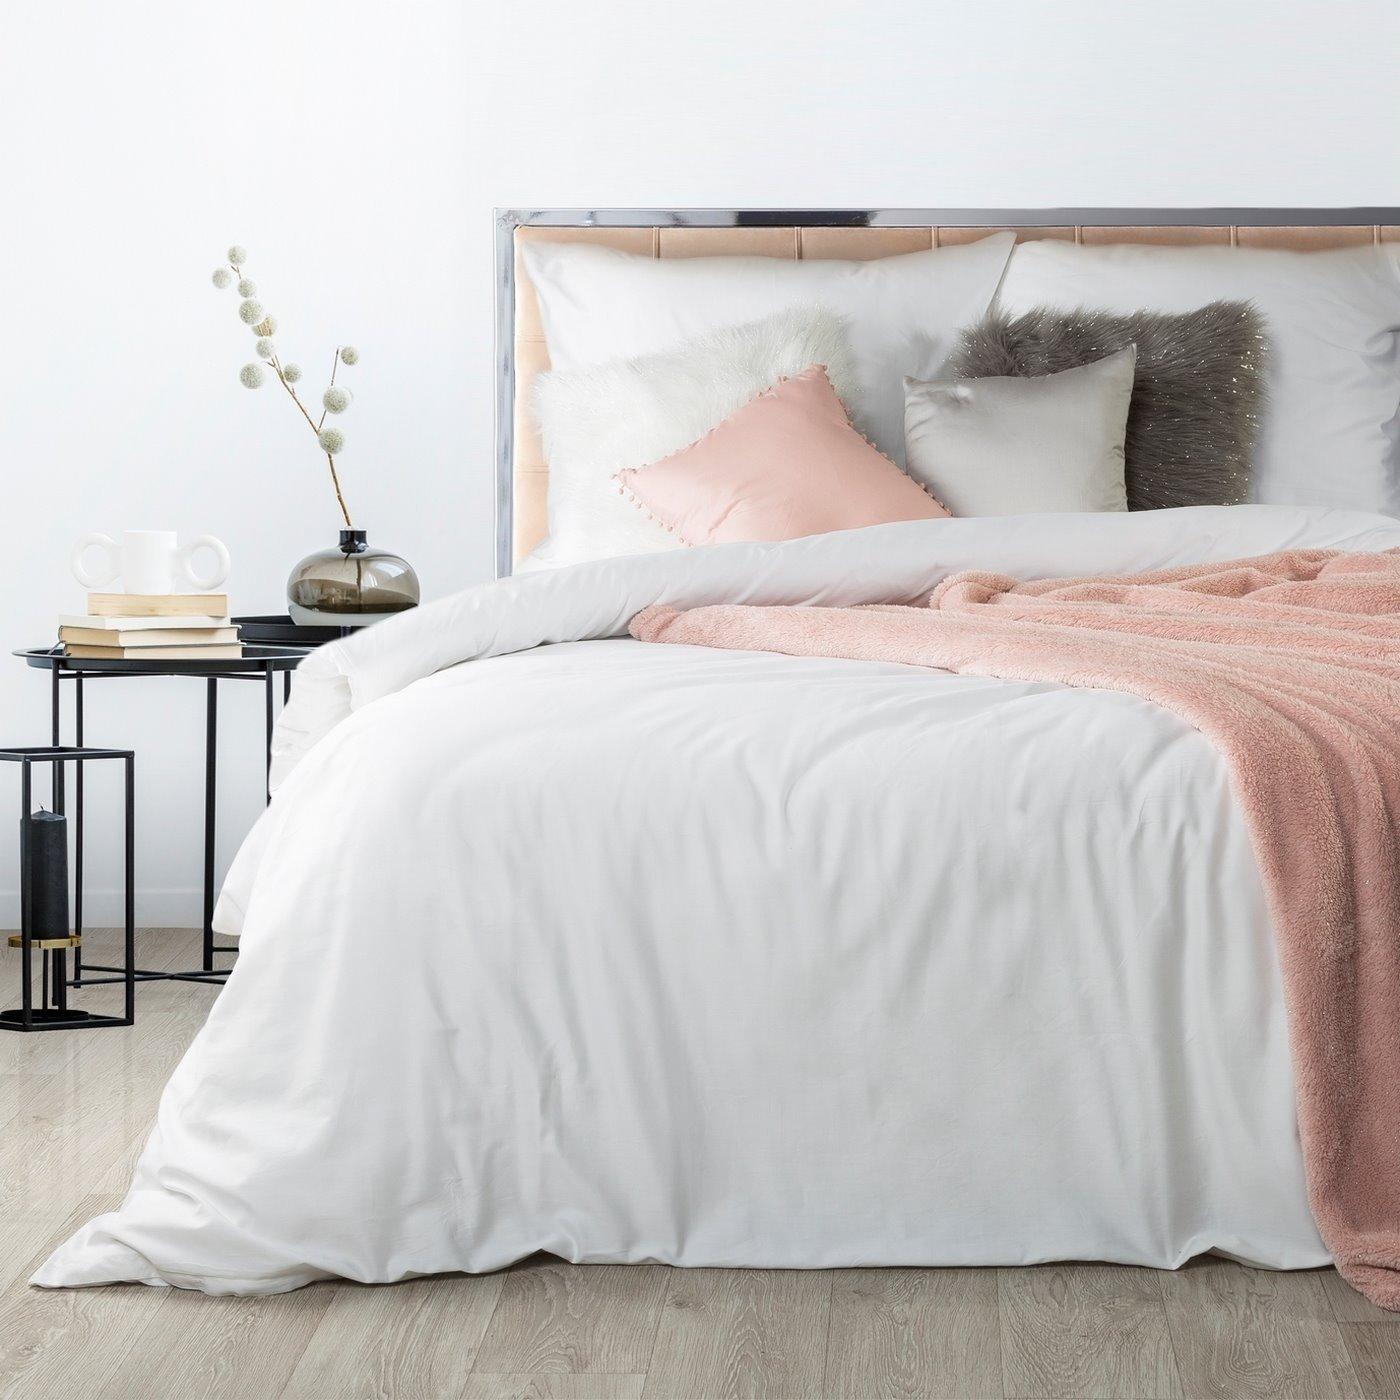 Komplet pościeli z makosatyny bawełnianej 160 x 200 cm, 2szt. 70 x 80 cm, biała